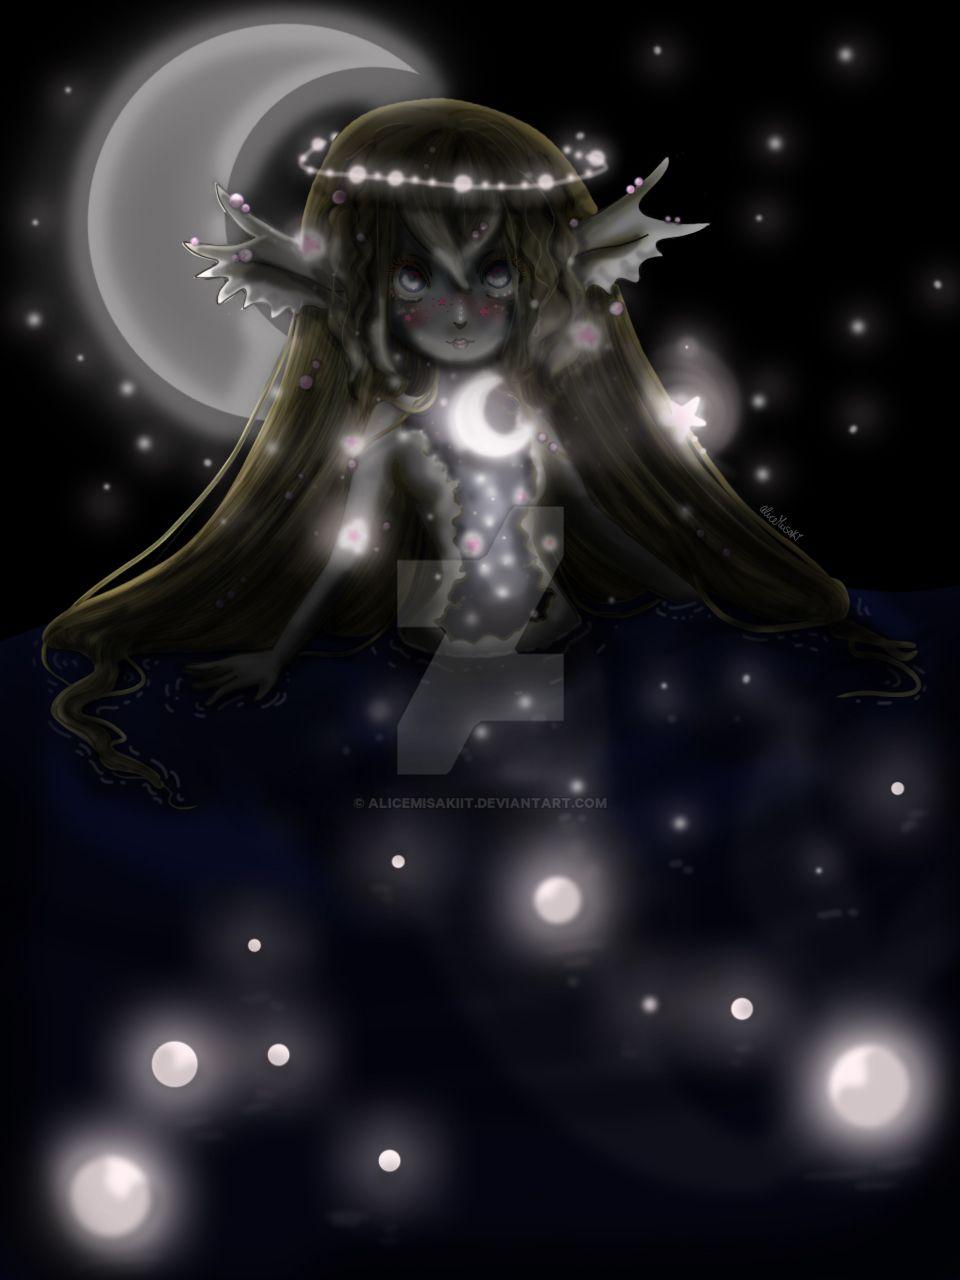 1_31_moonmermaid2_by_alicemisakiit-dd5xb